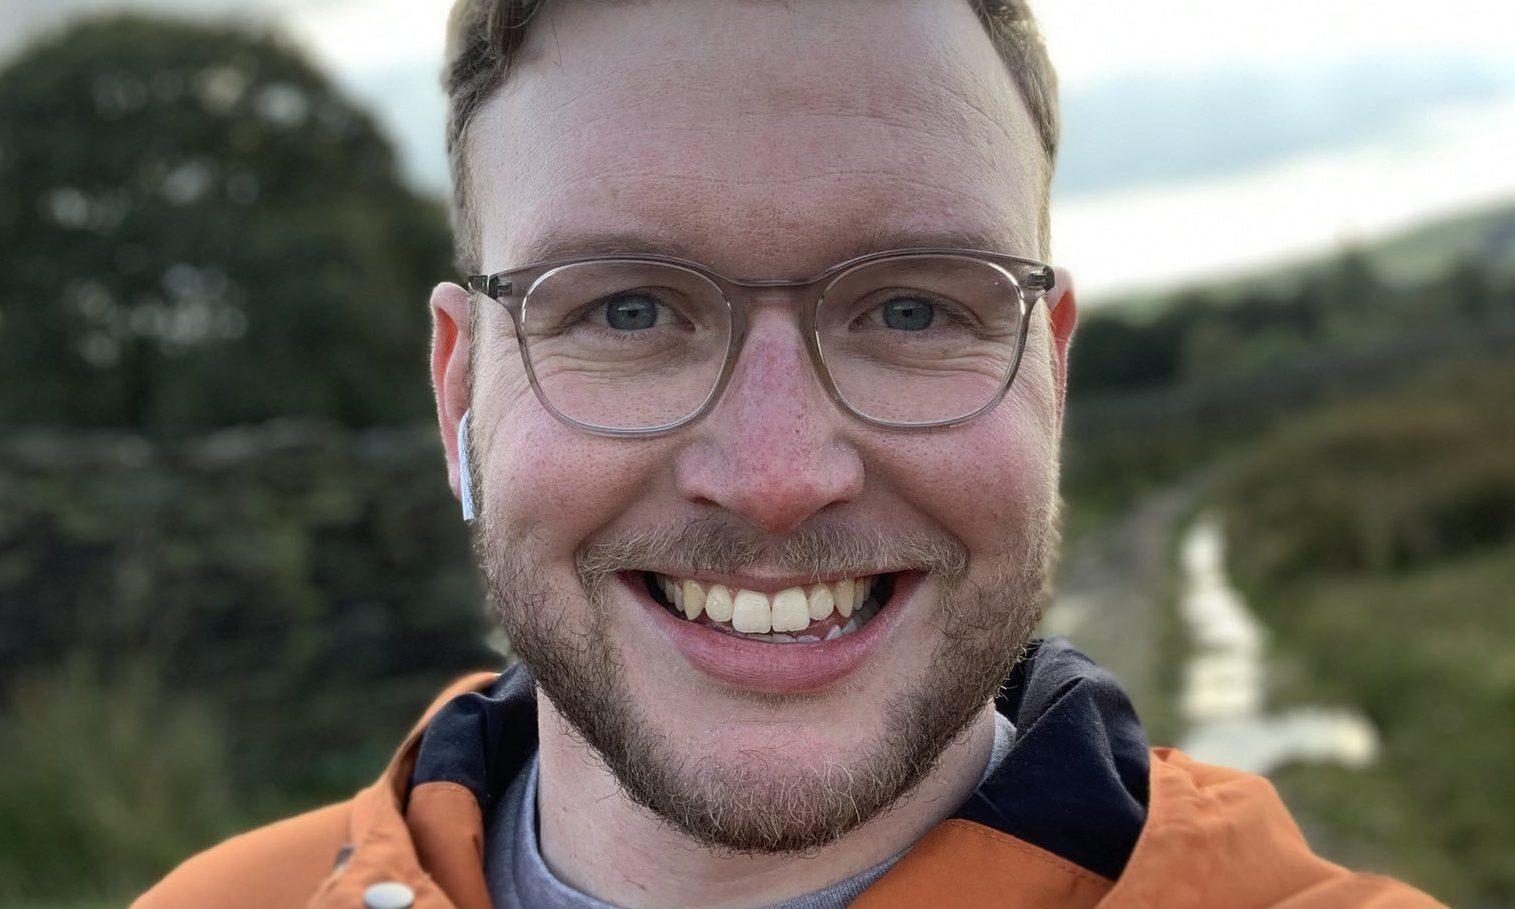 Scott Turner-Smith